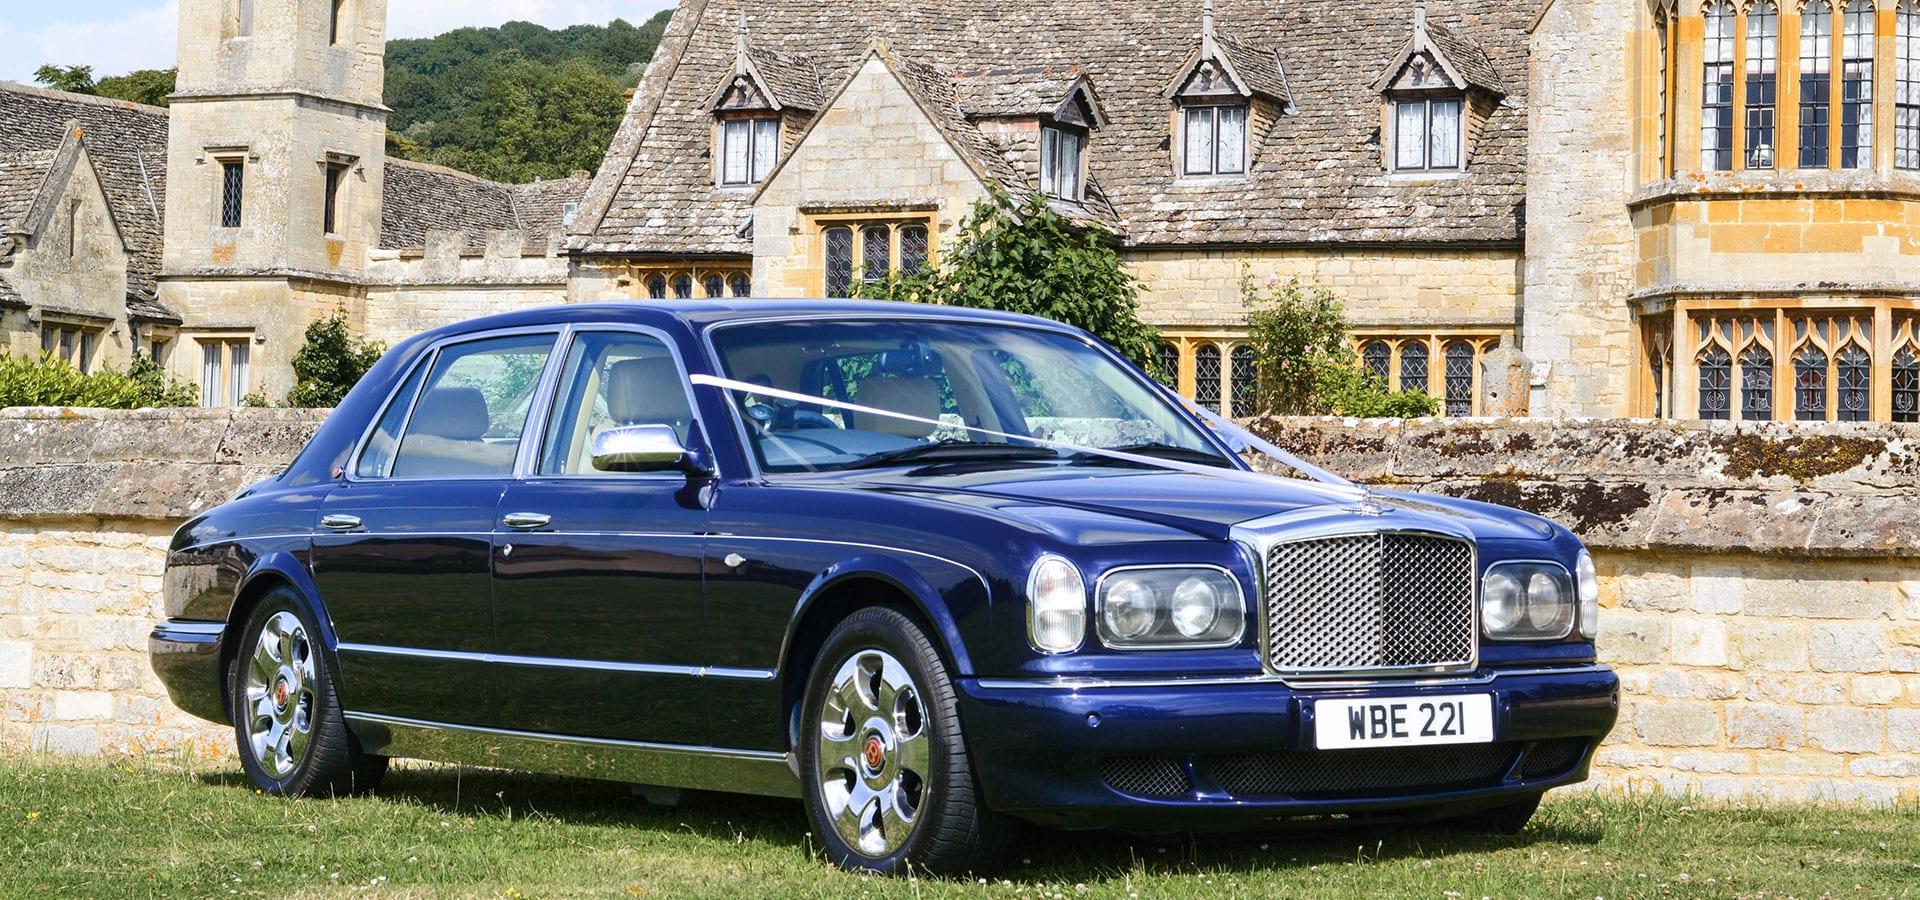 Homepage-Hero-Bentley-Arnage-Wedding-Car-Blue